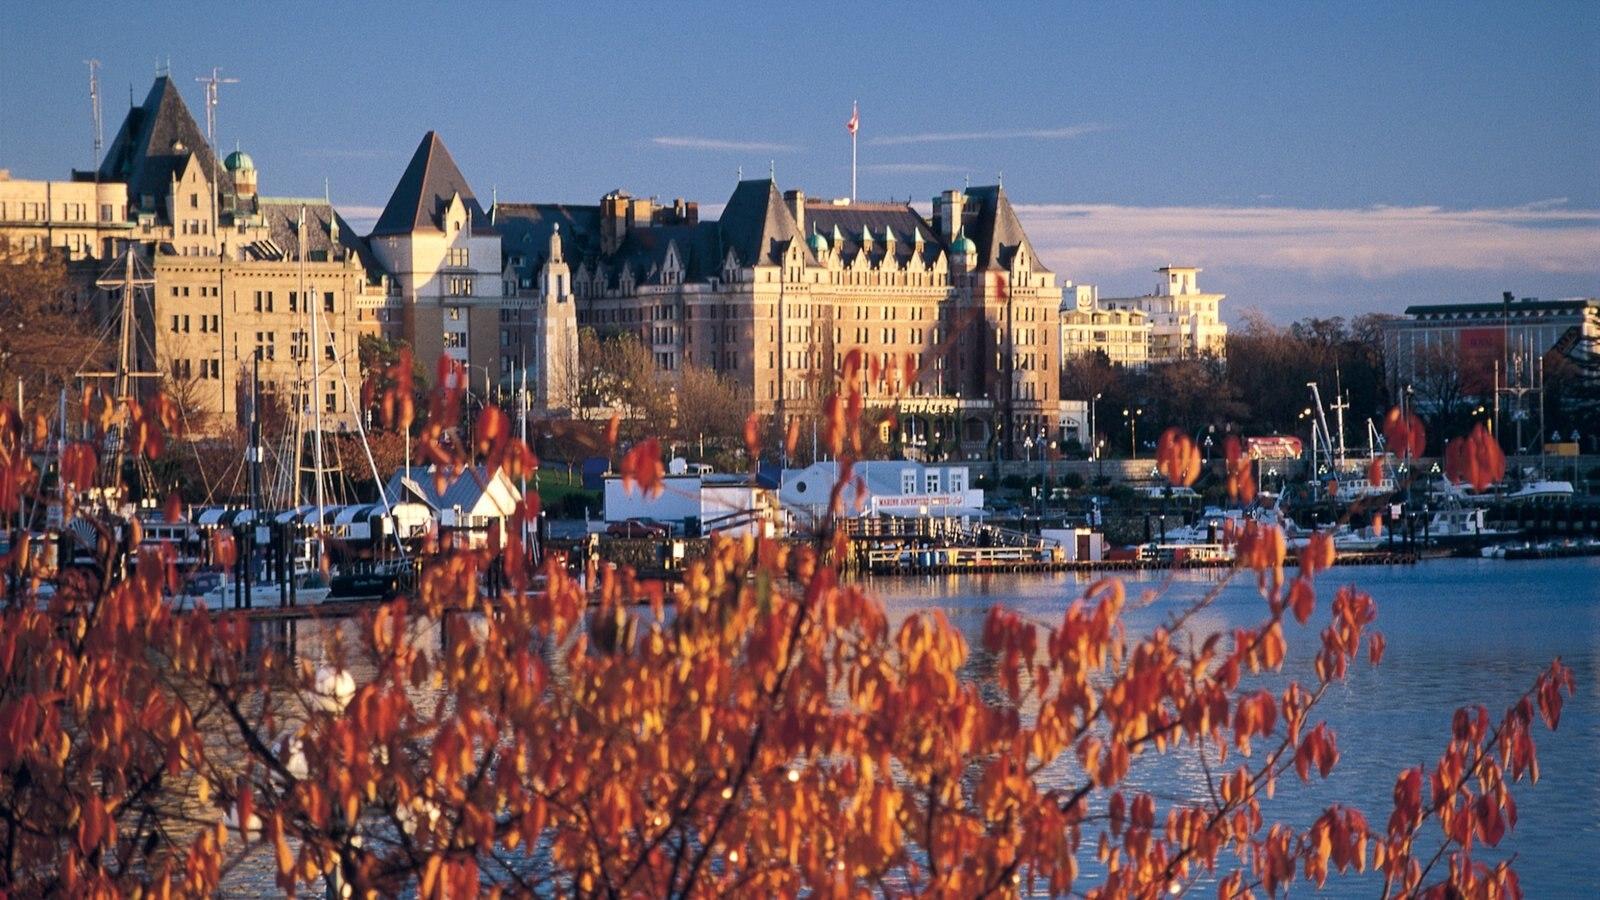 Victoria mostrando arquitetura de patrimônio, uma cidade e uma baía ou porto